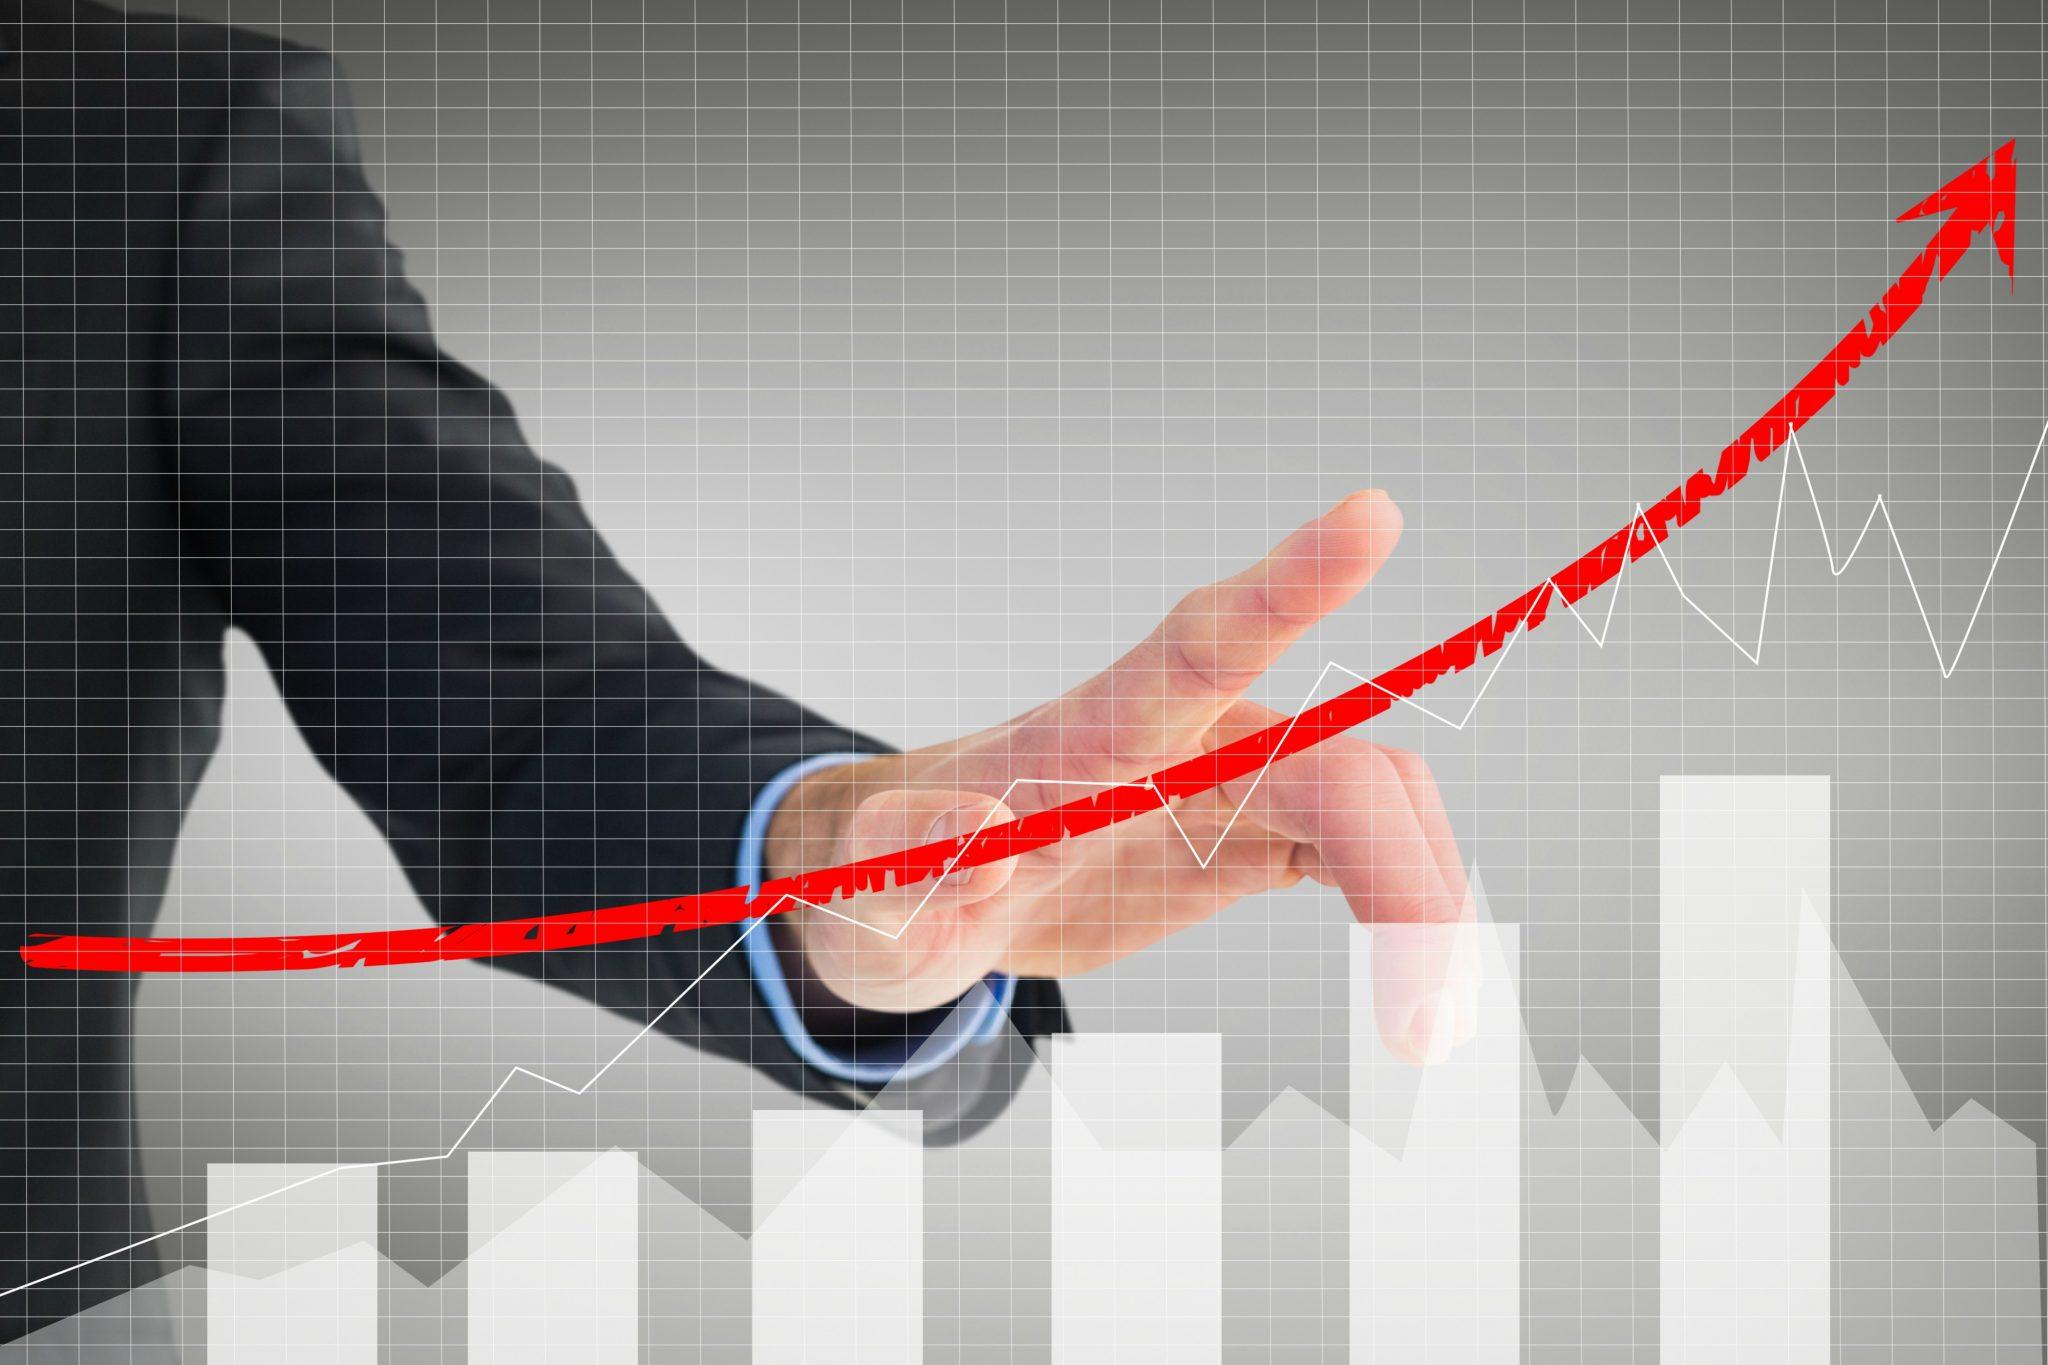 Indústria HPPC tem crescimento no primeiro semestre de 2020